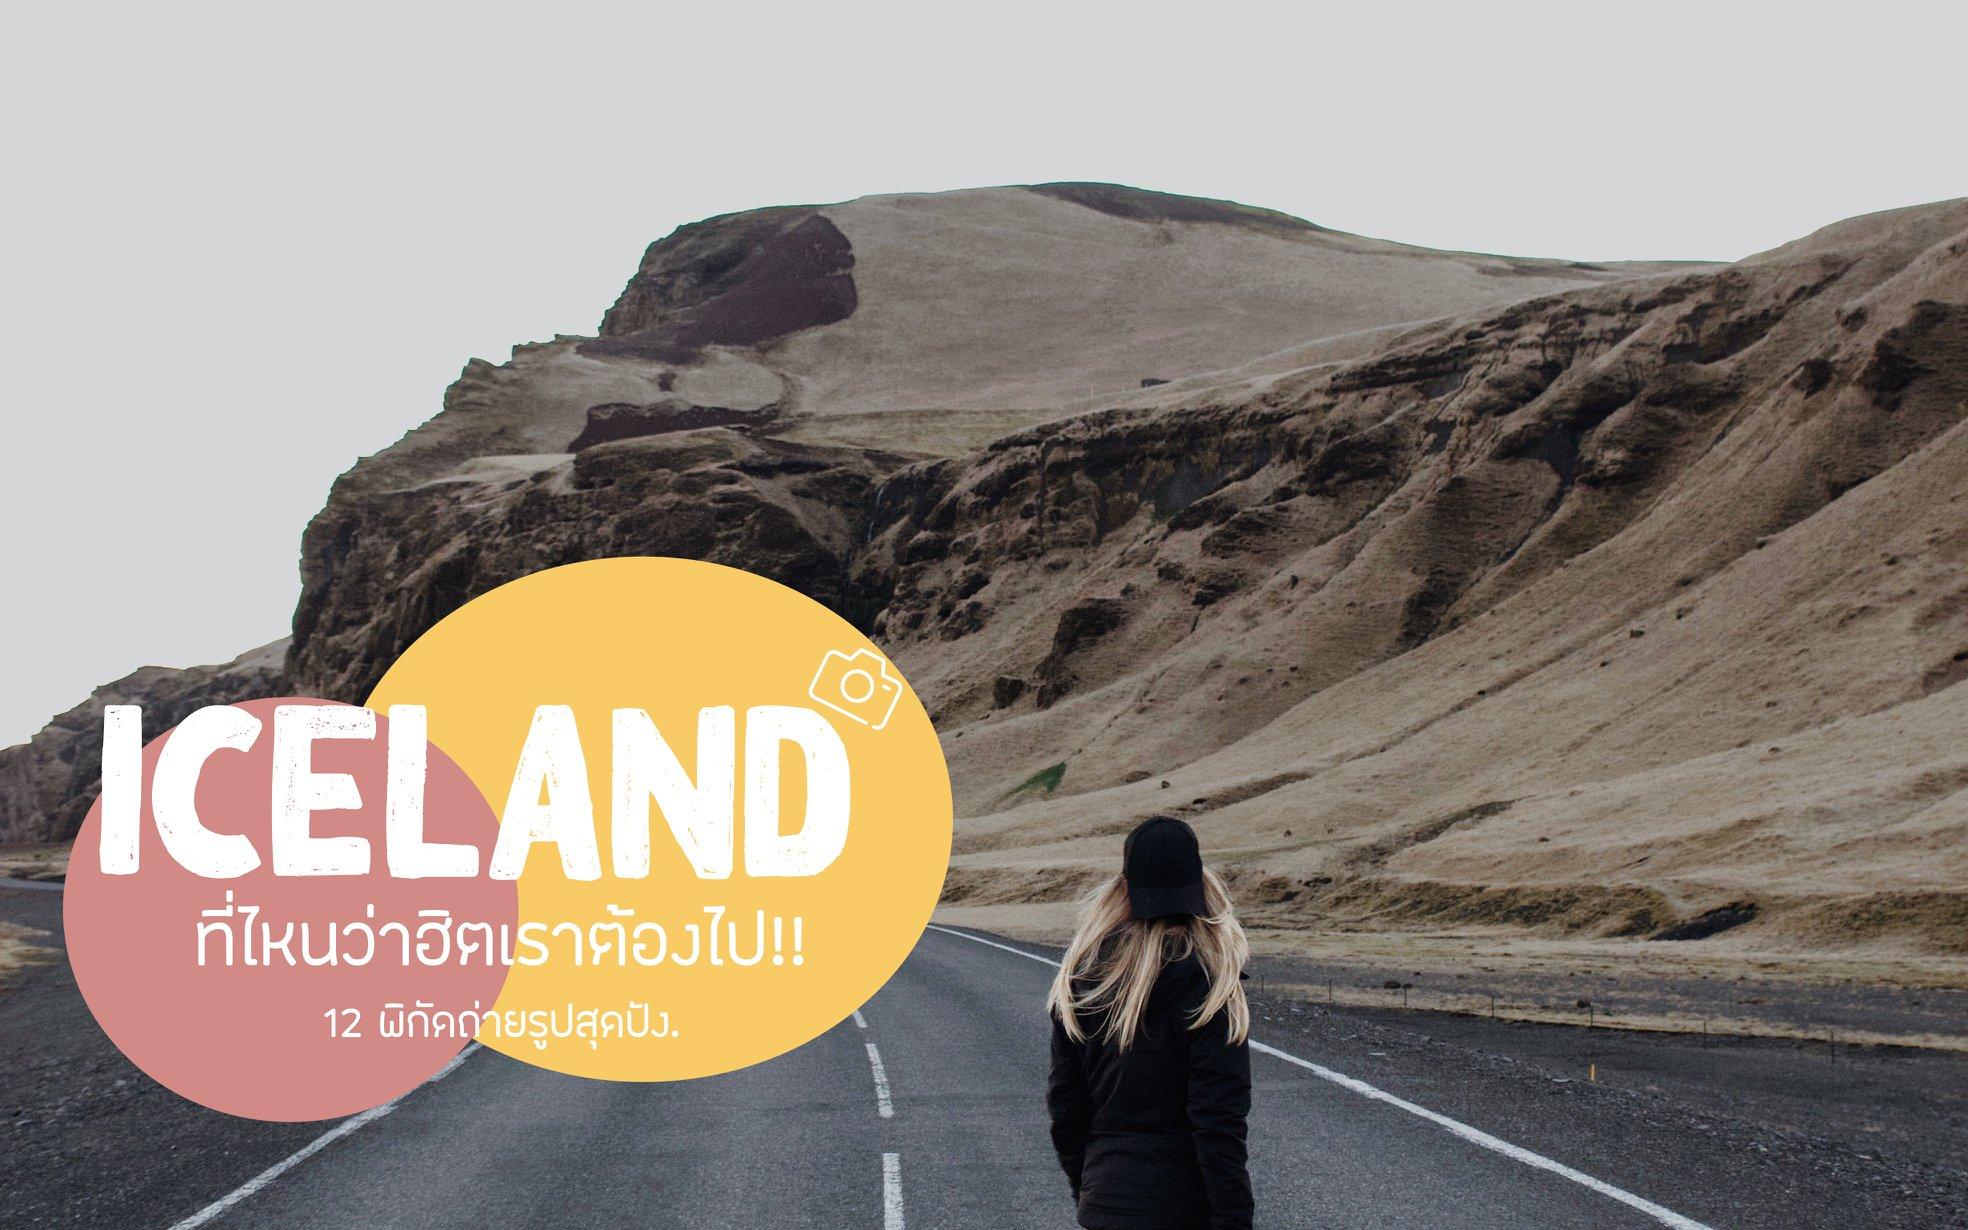 #เที่ยวไอซ์แลนด์ ที่ไหนว่าฮิตเราต้องไปกับ 12 พิกัดถ่ายรูปสุดปัง